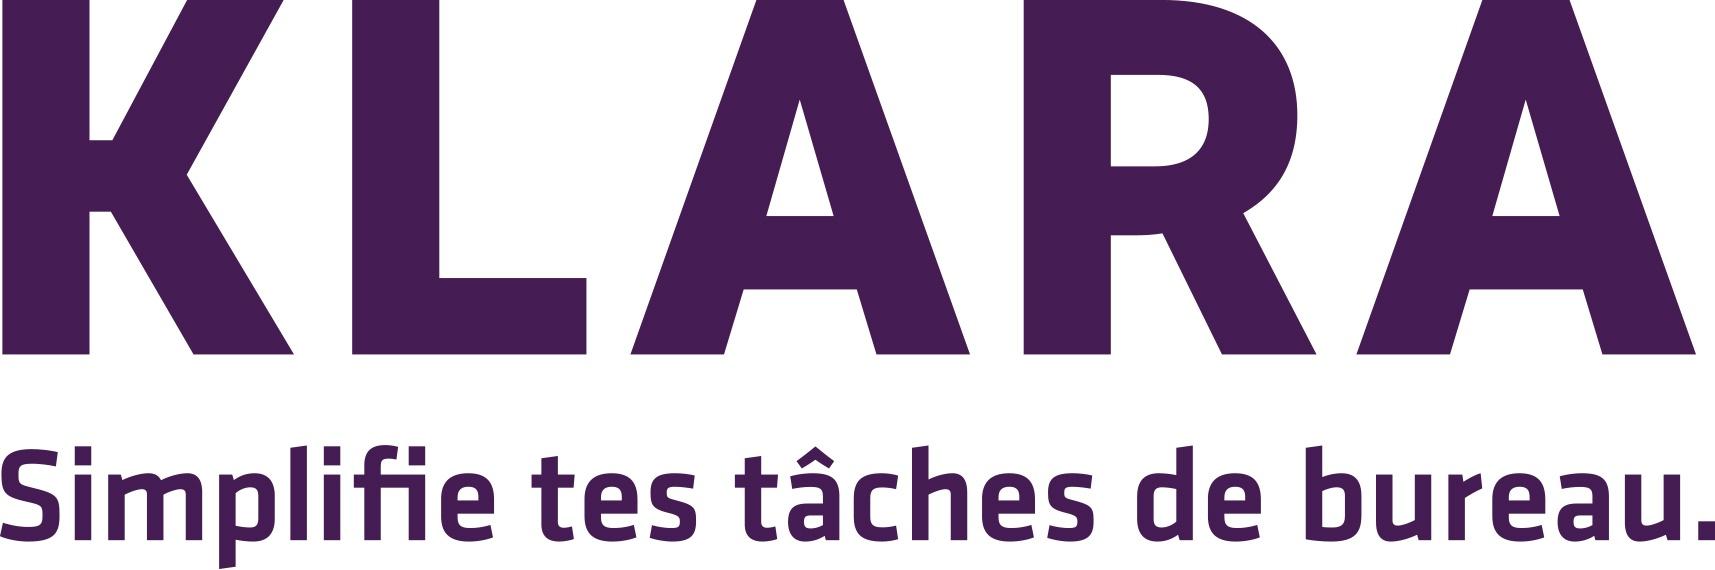 Klara_Logo_aubergine_fr_Claim_RGB.jpg